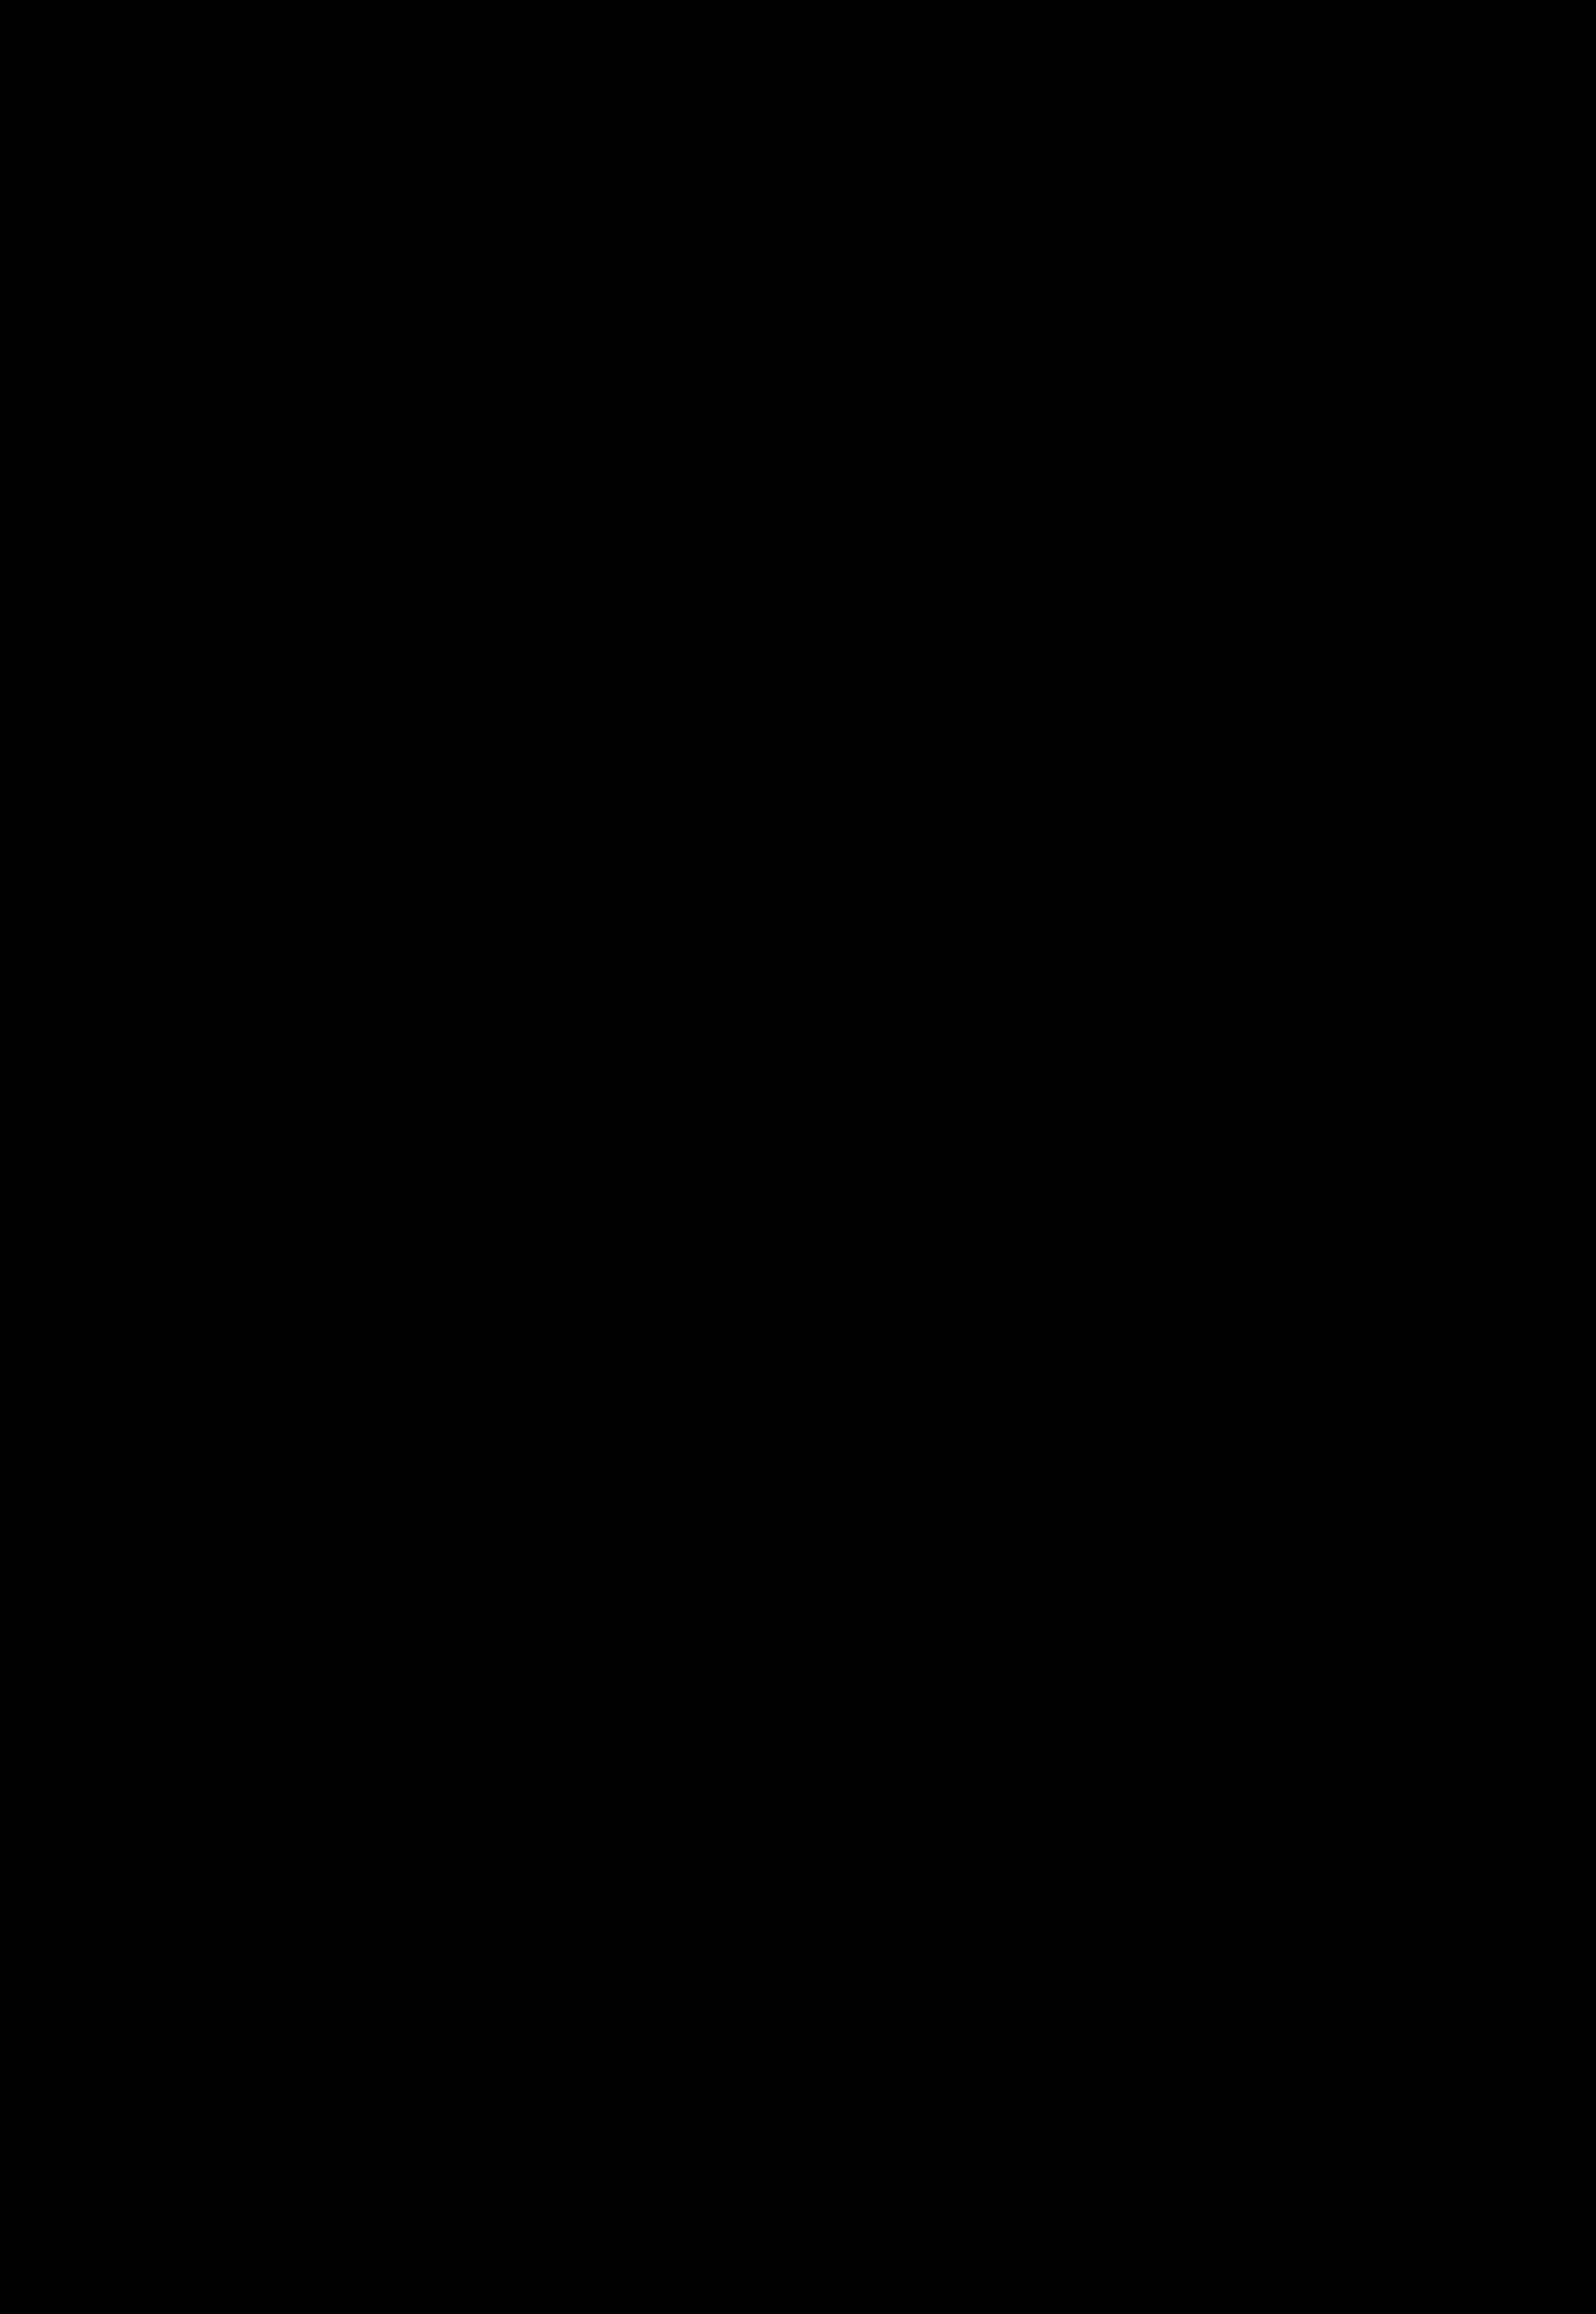 Prismenleuchter mit acht Lichtpunkten in besonderer Größe